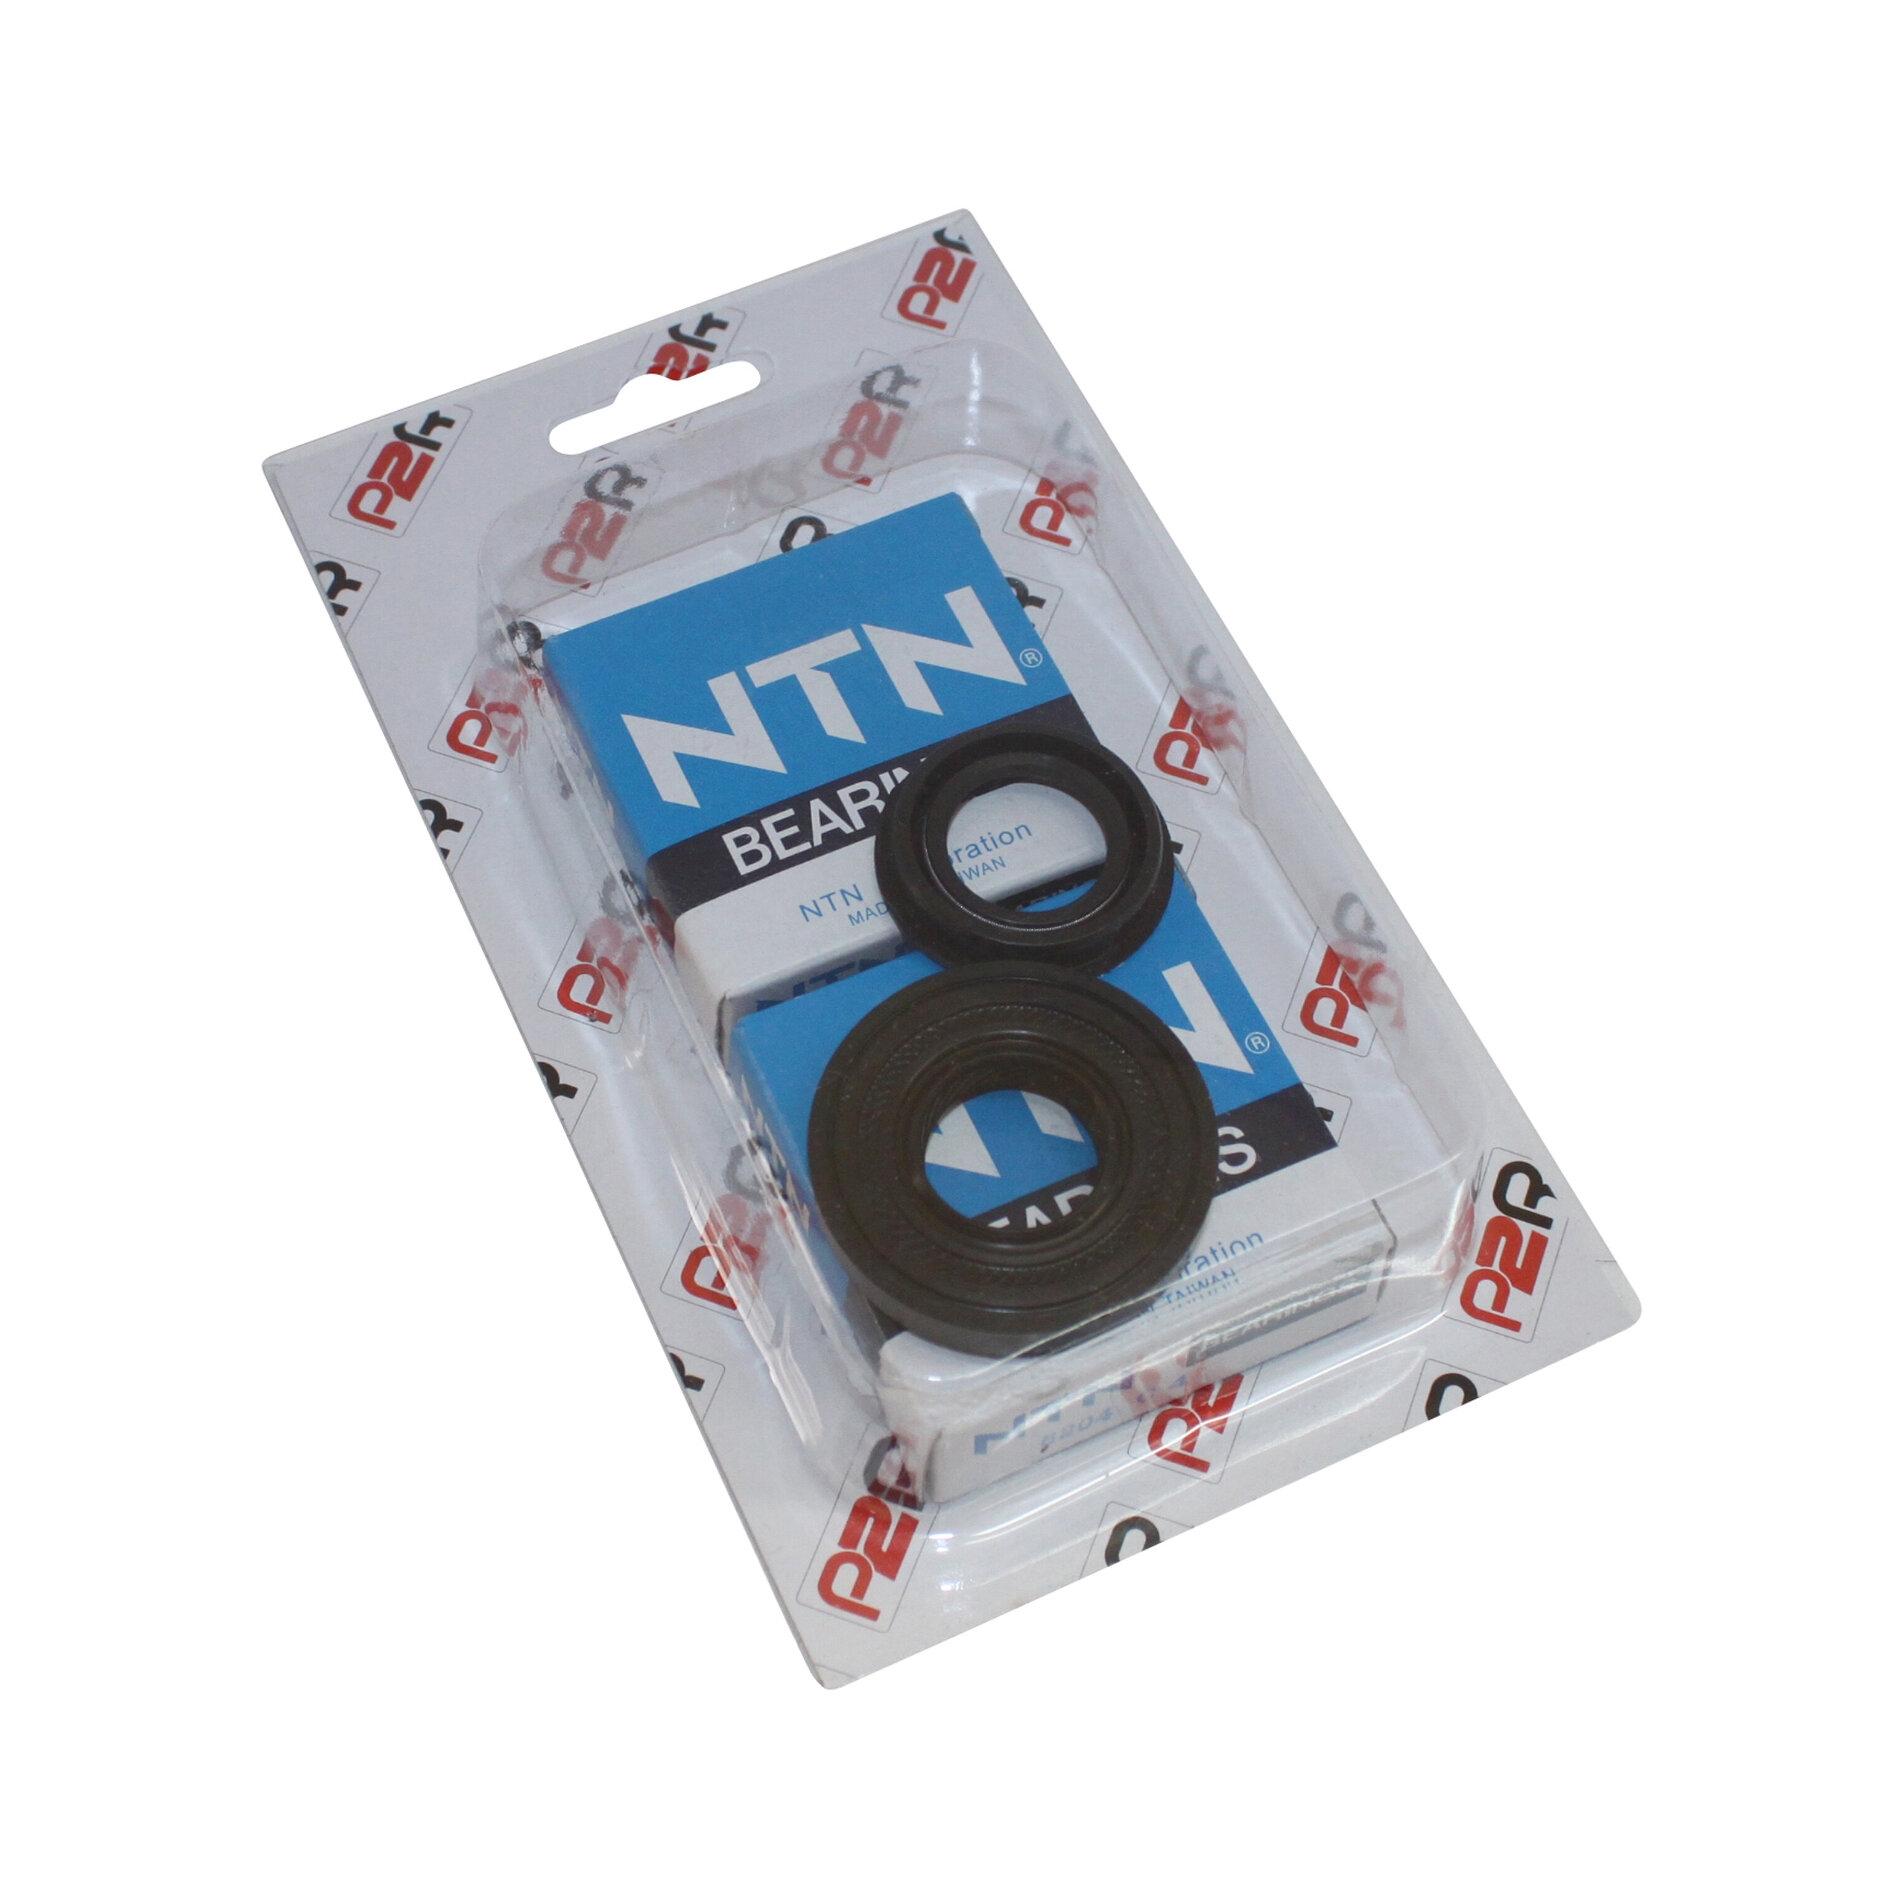 Roulement d'embiellage avec joint NTN pour Booster/cpi 2t/keeway 2t